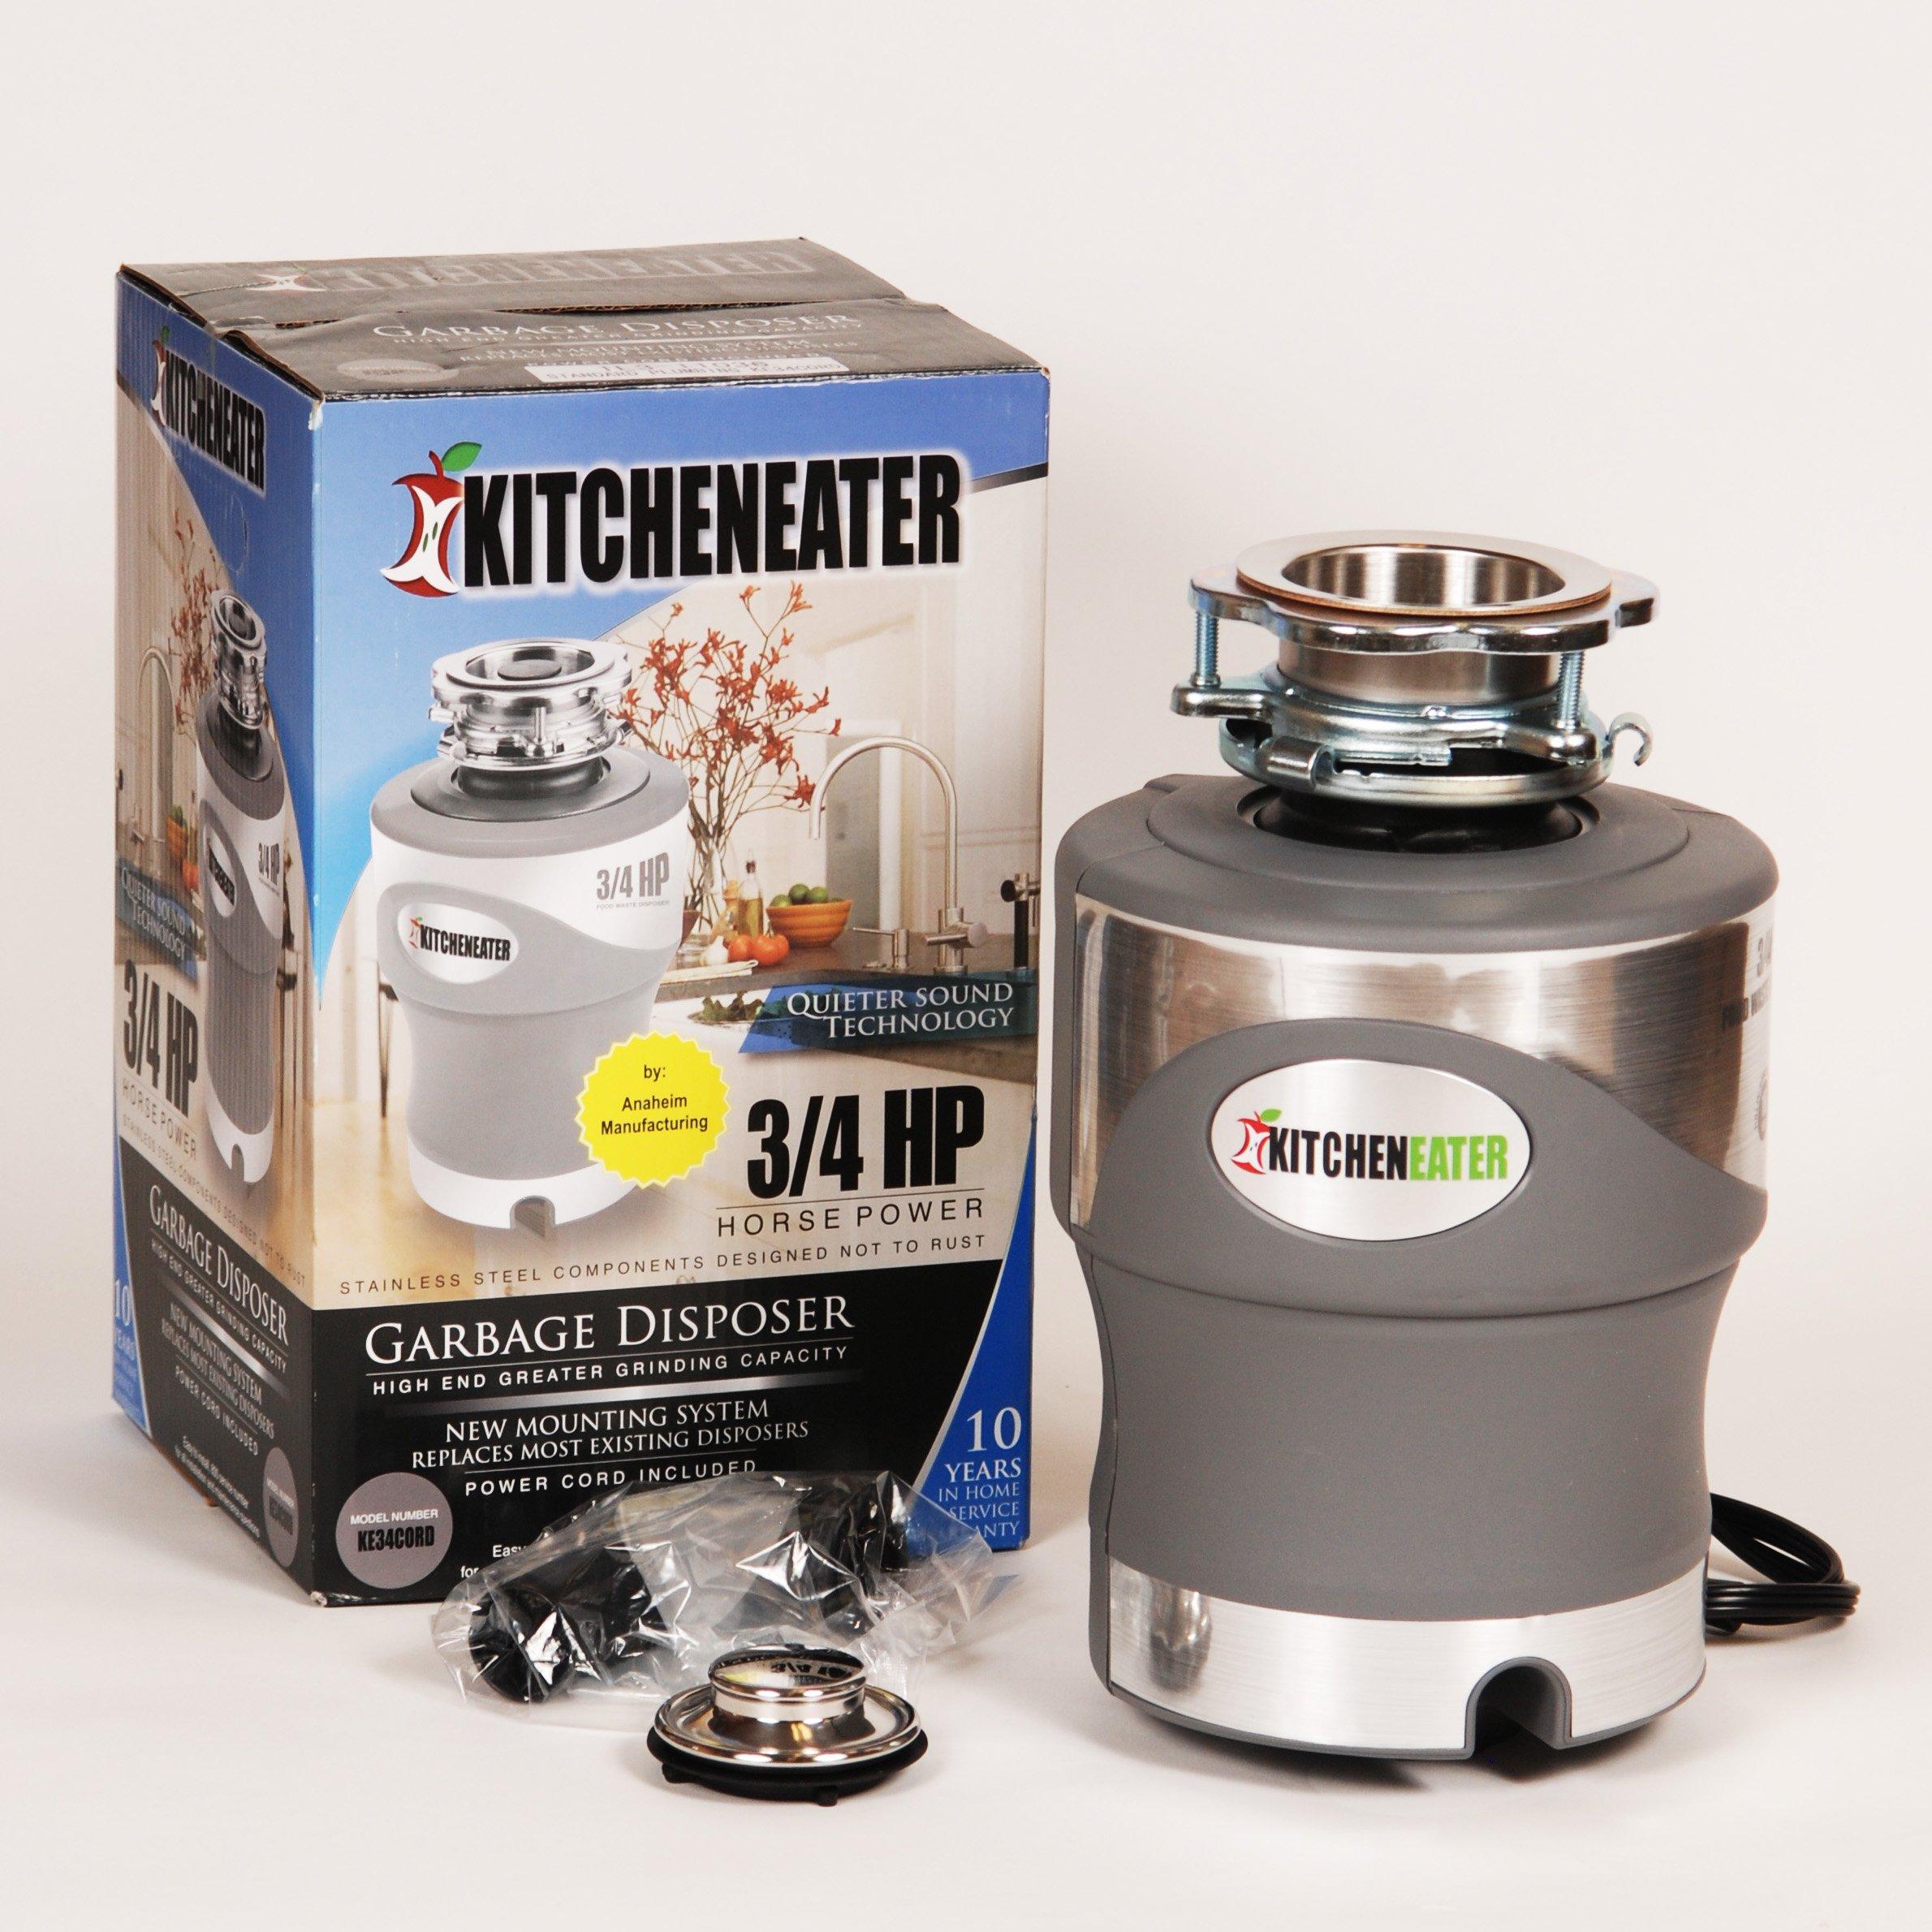 Kitcheneater Ke34pc 3 4 Hp Garbage Disposer Food Waste